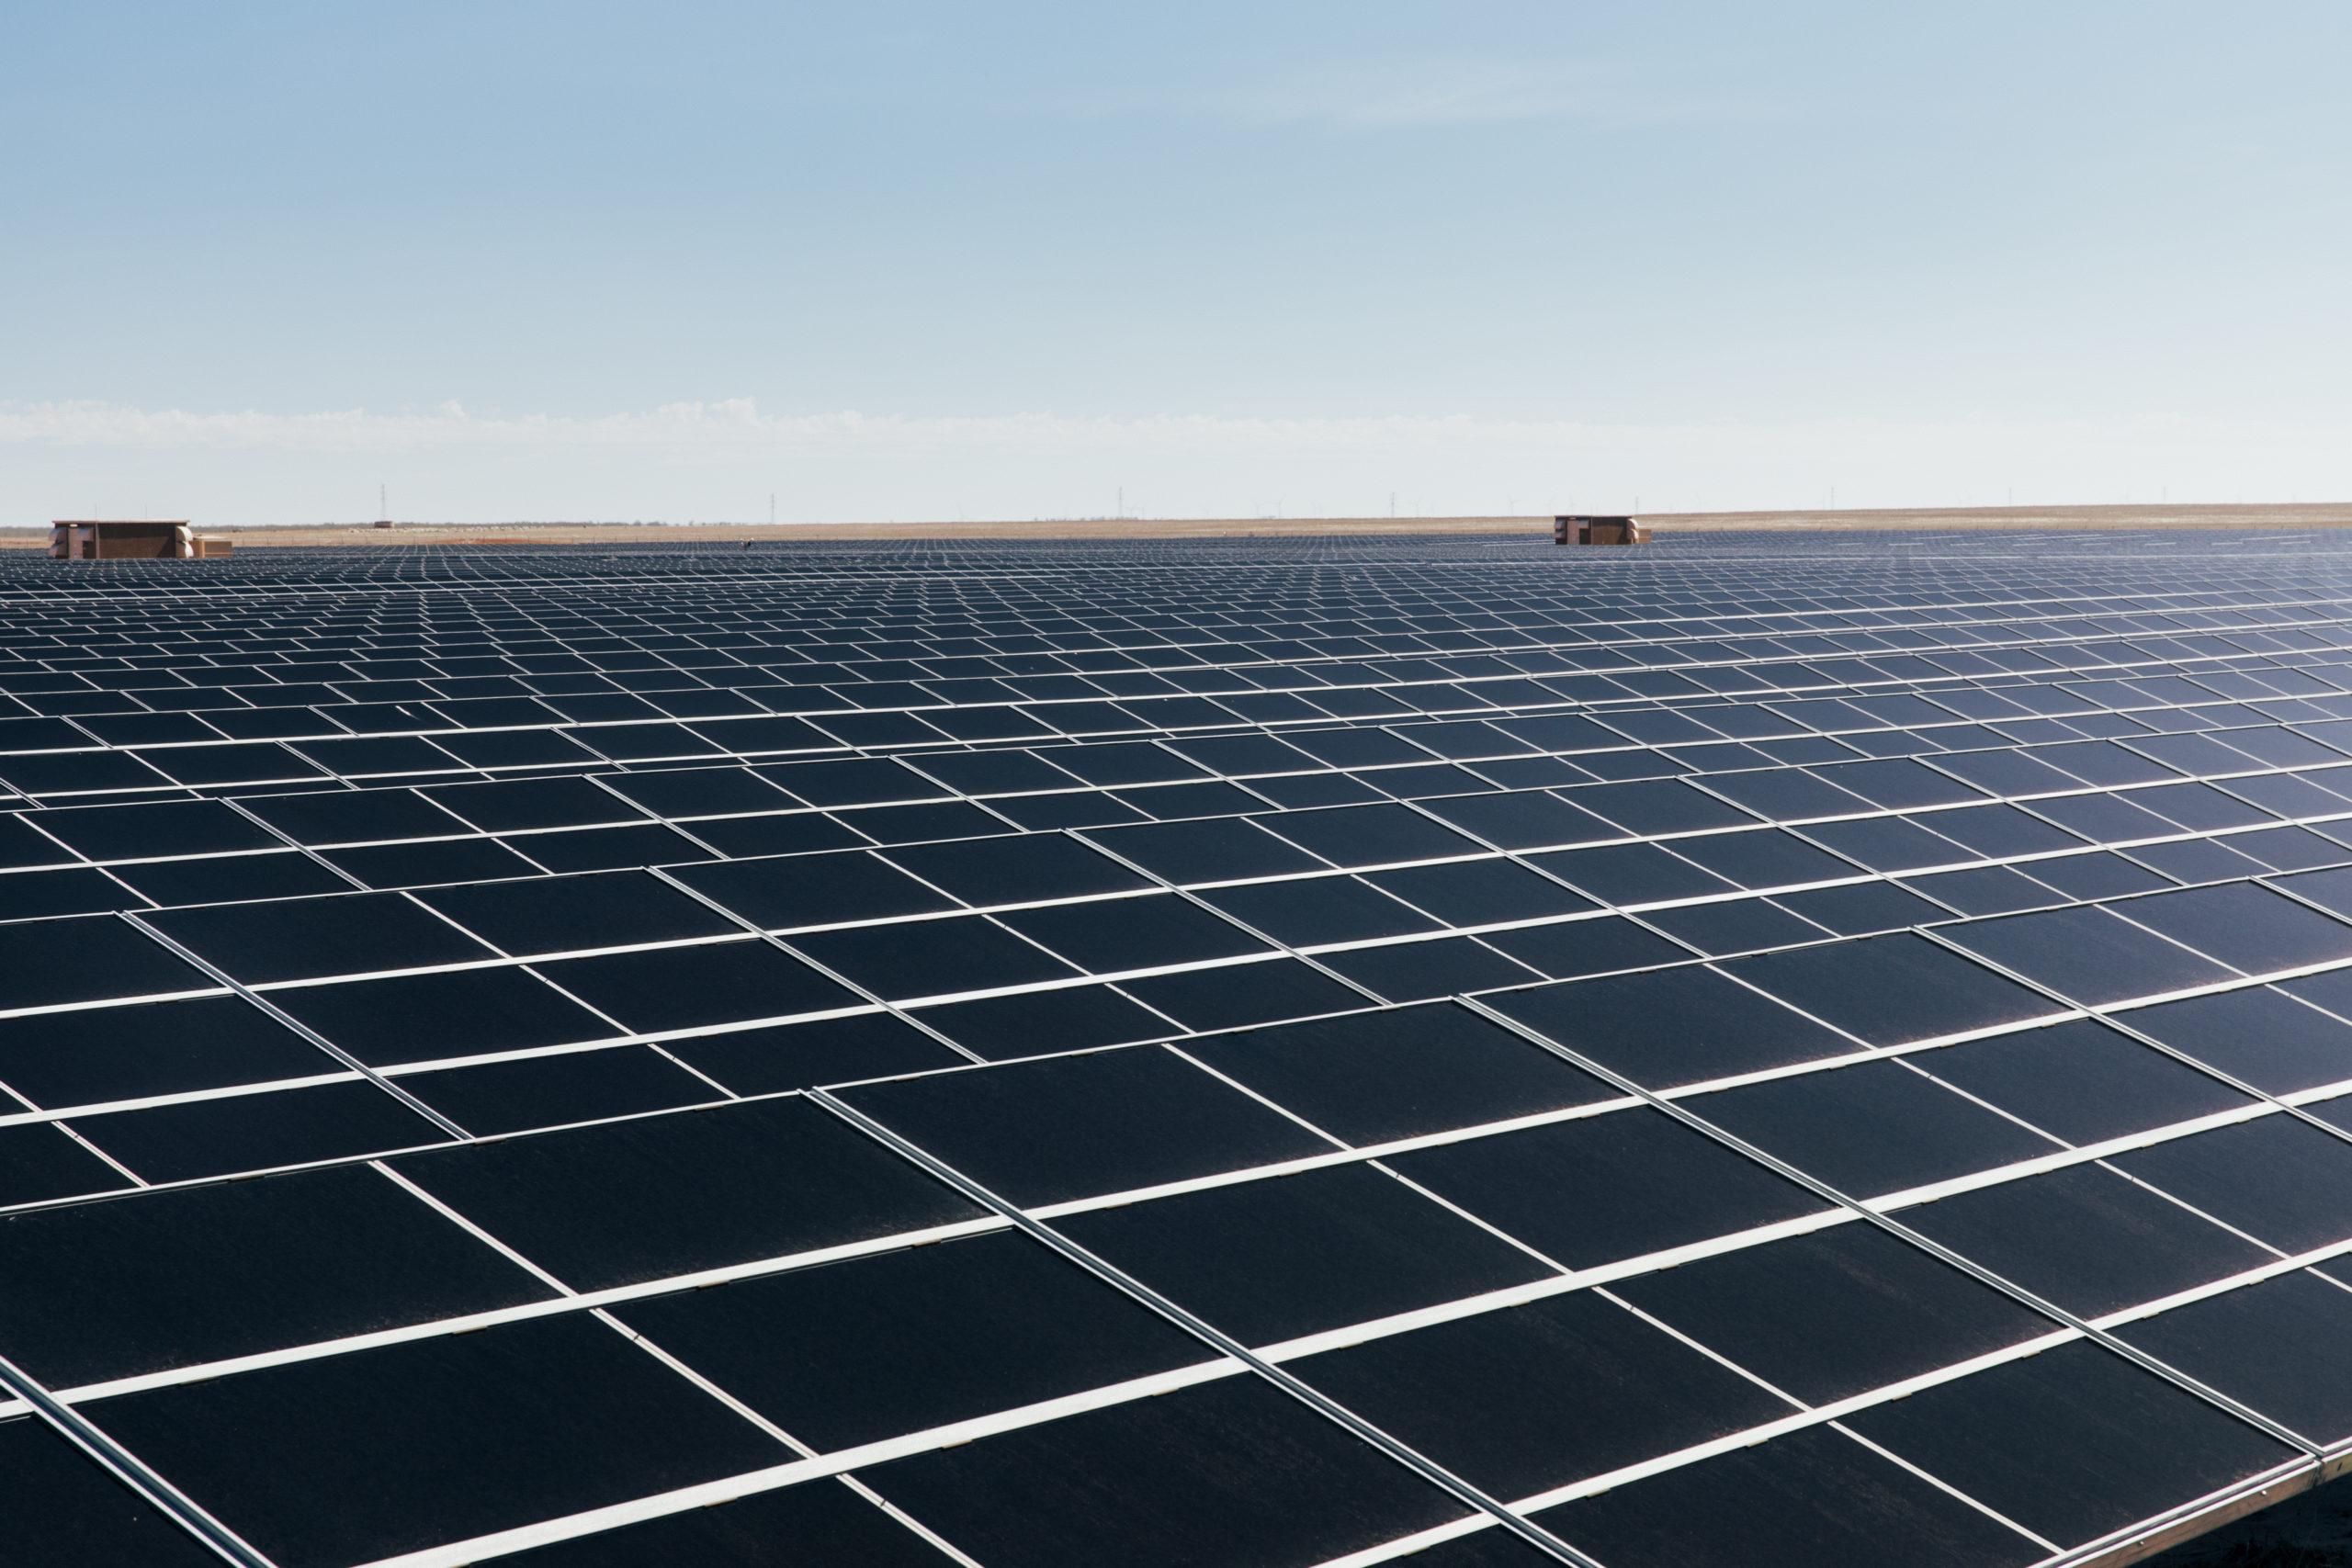 Rows of solar panels in regional WA